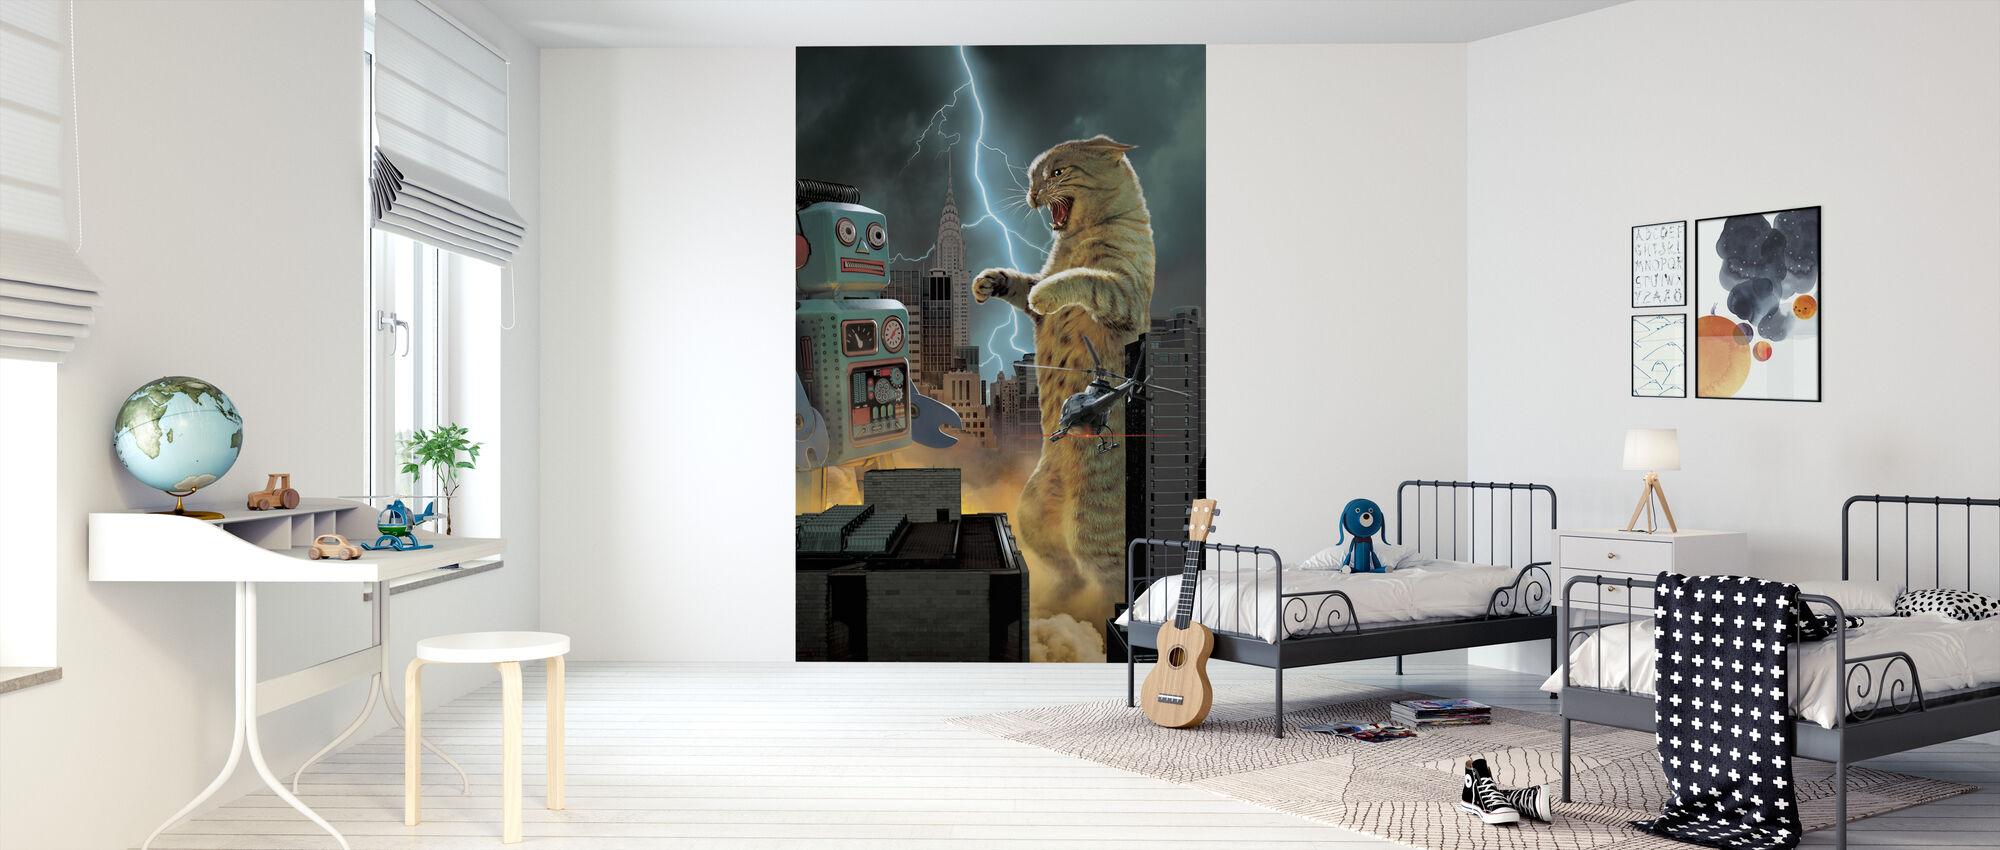 Catzilla vs Robot - Wallpaper - Kids Room